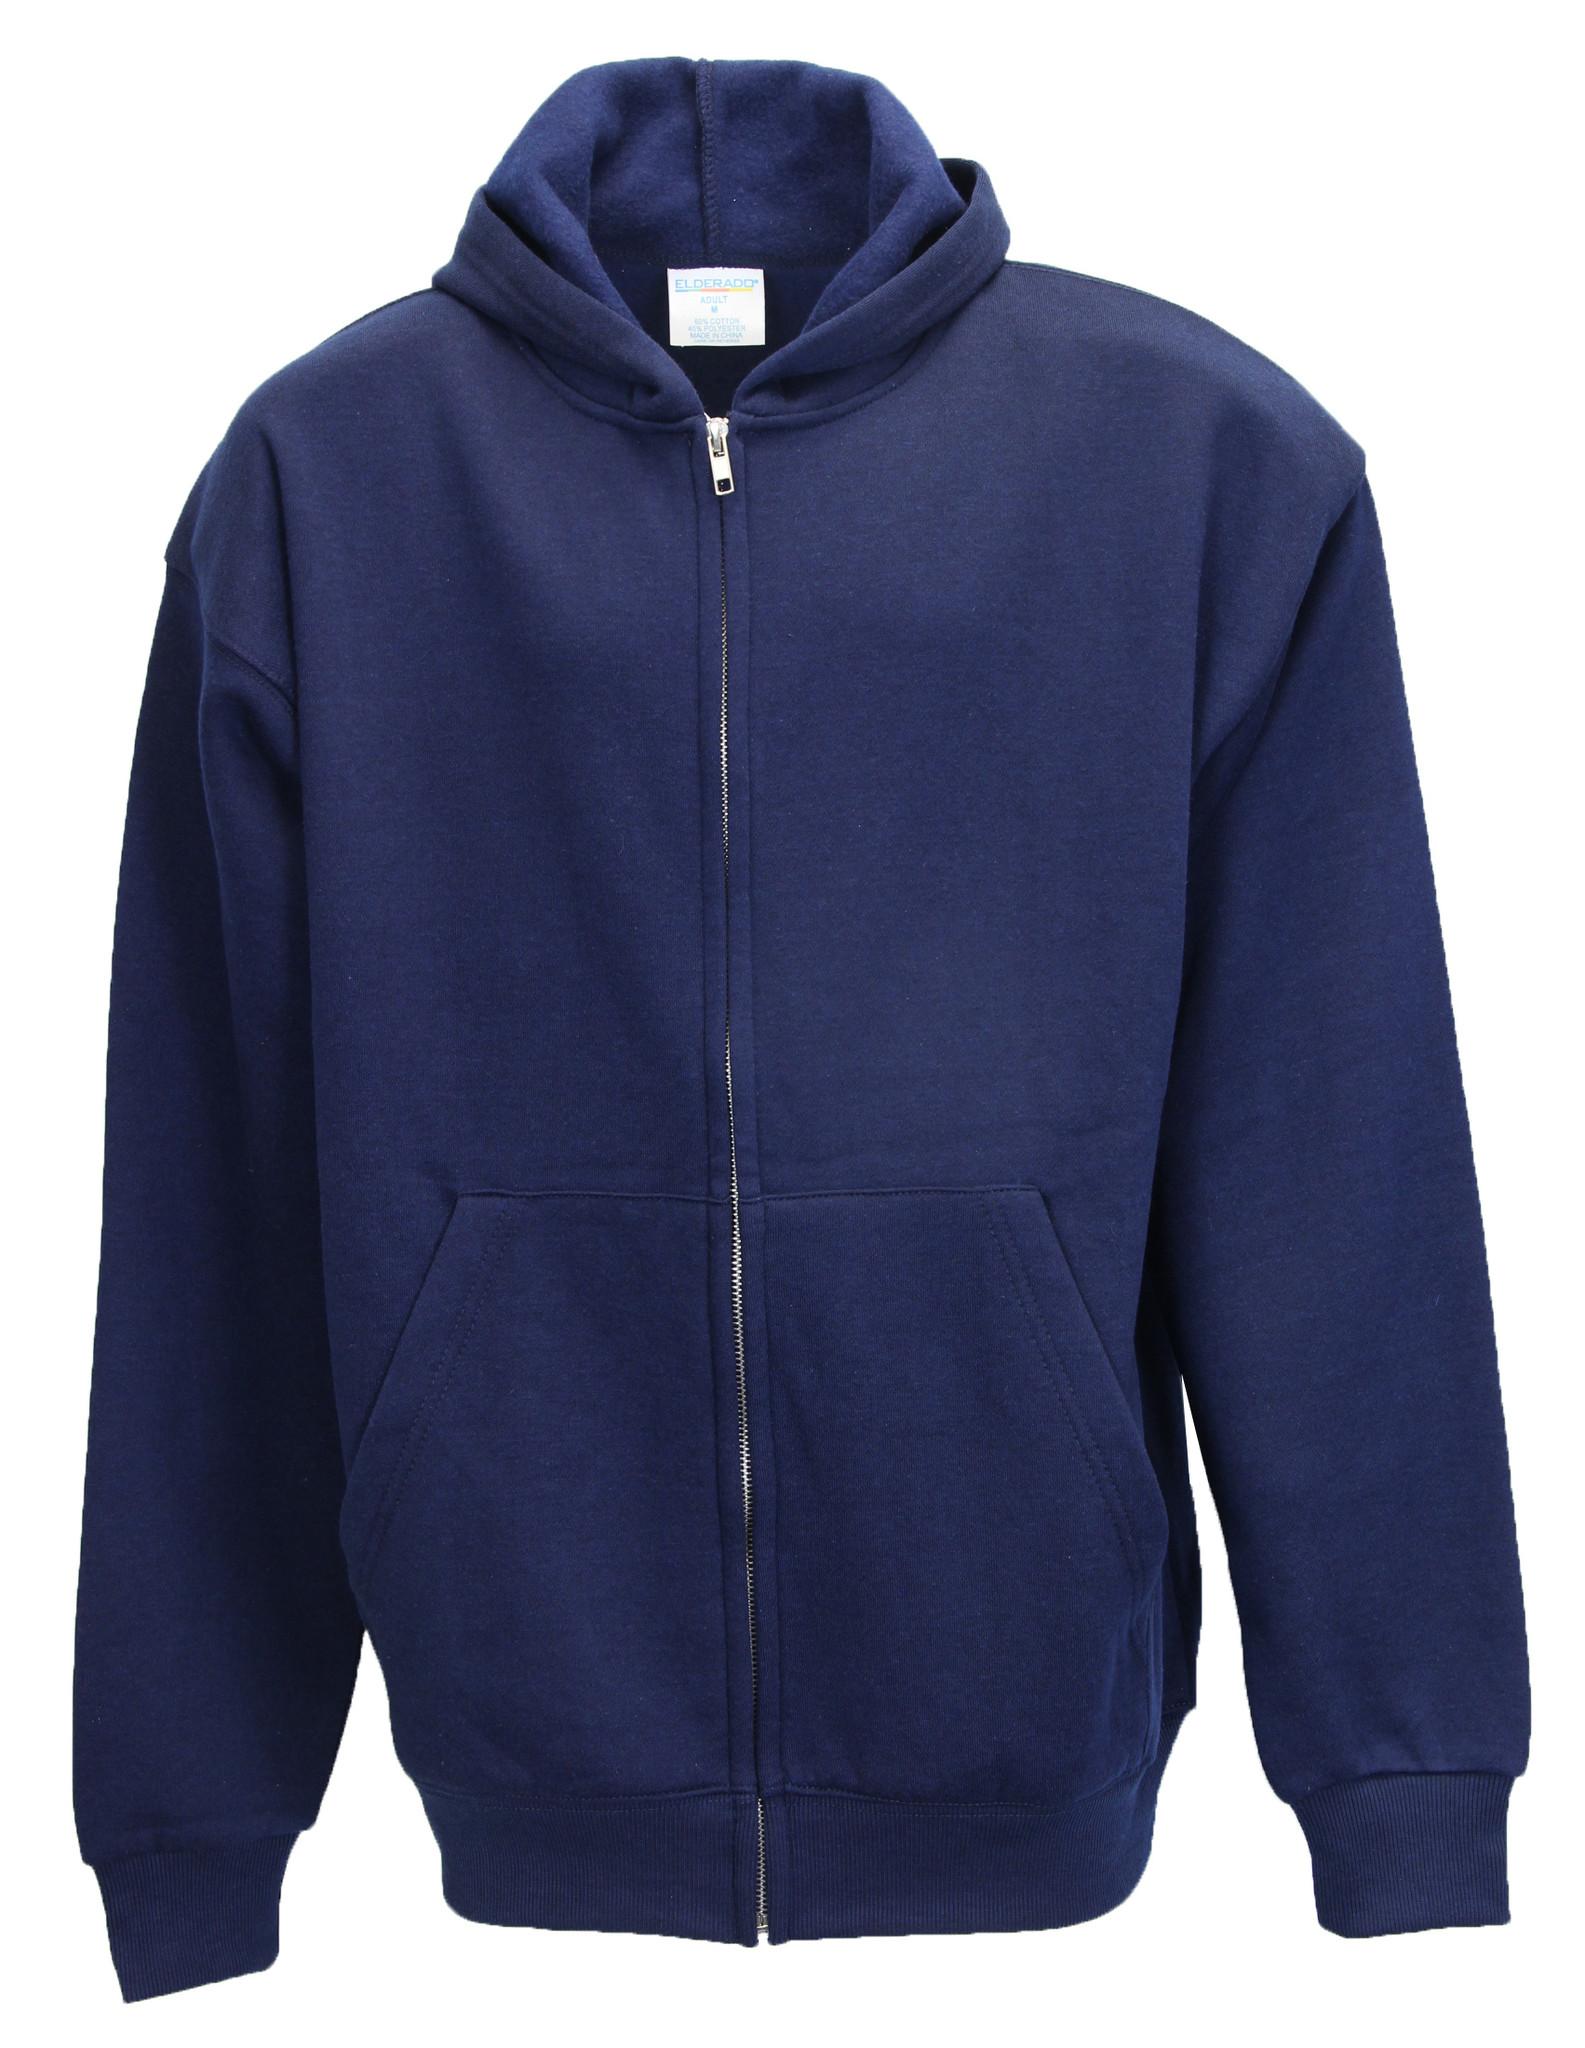 Holy Family Catholic Zipper Sweatshirt